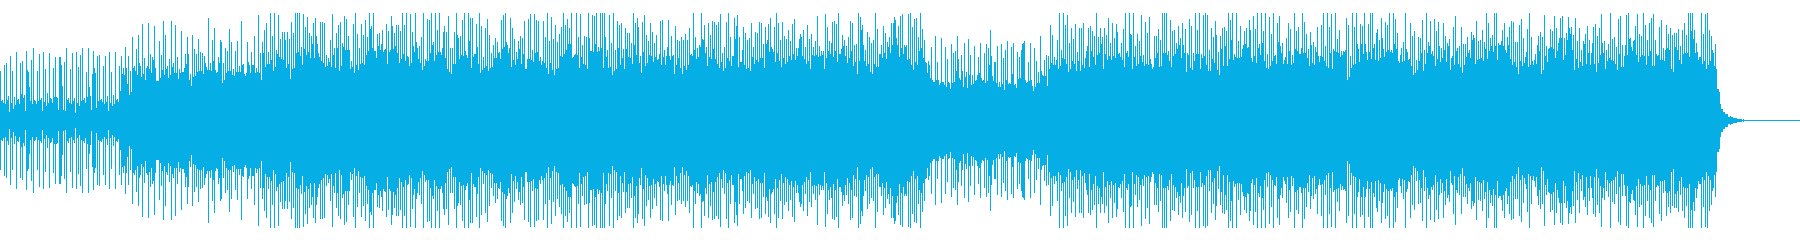 パズルゲーム、エレクトロポップ、中国音階の再生済みの波形